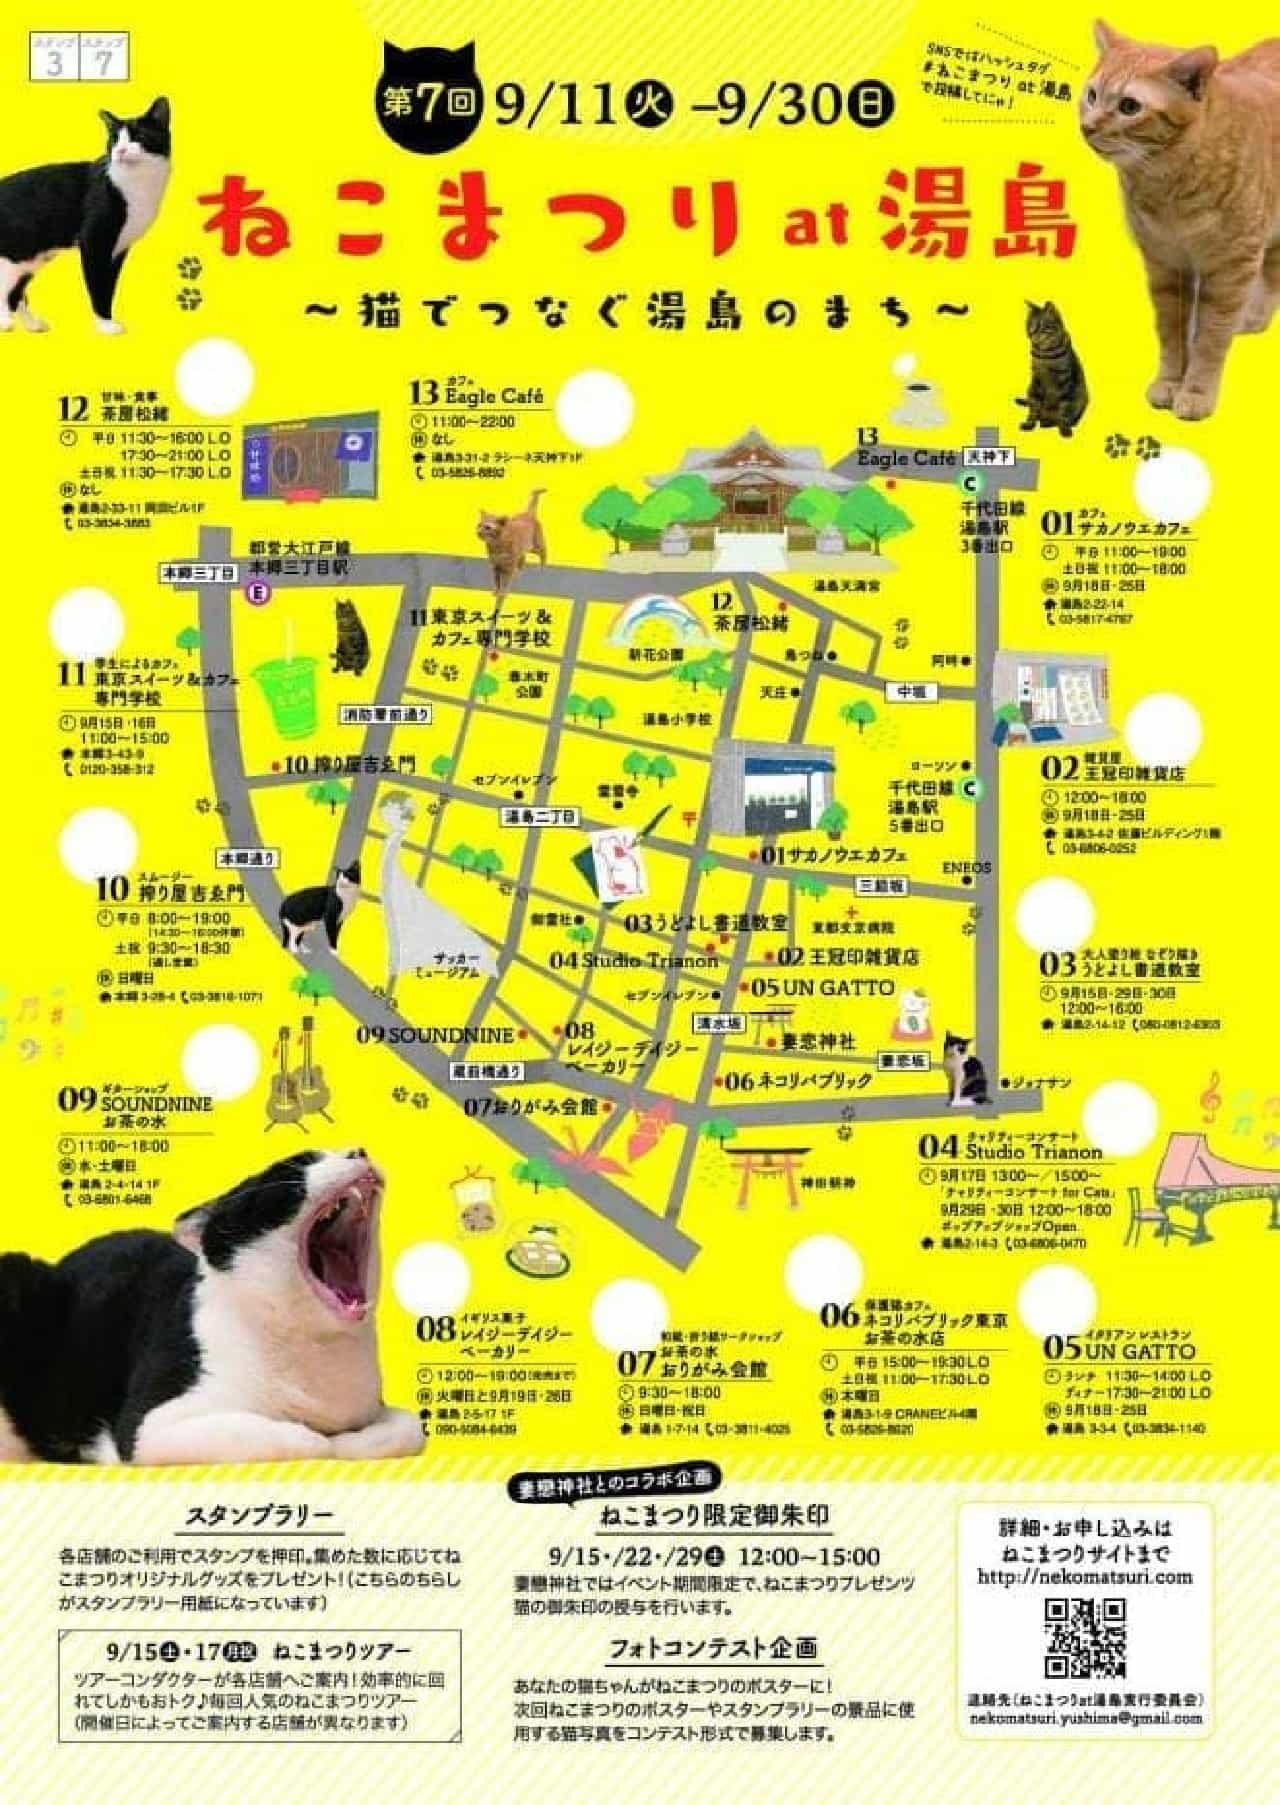 第7回 ねこまつり at 湯島~猫でつなぐ湯島のまち~